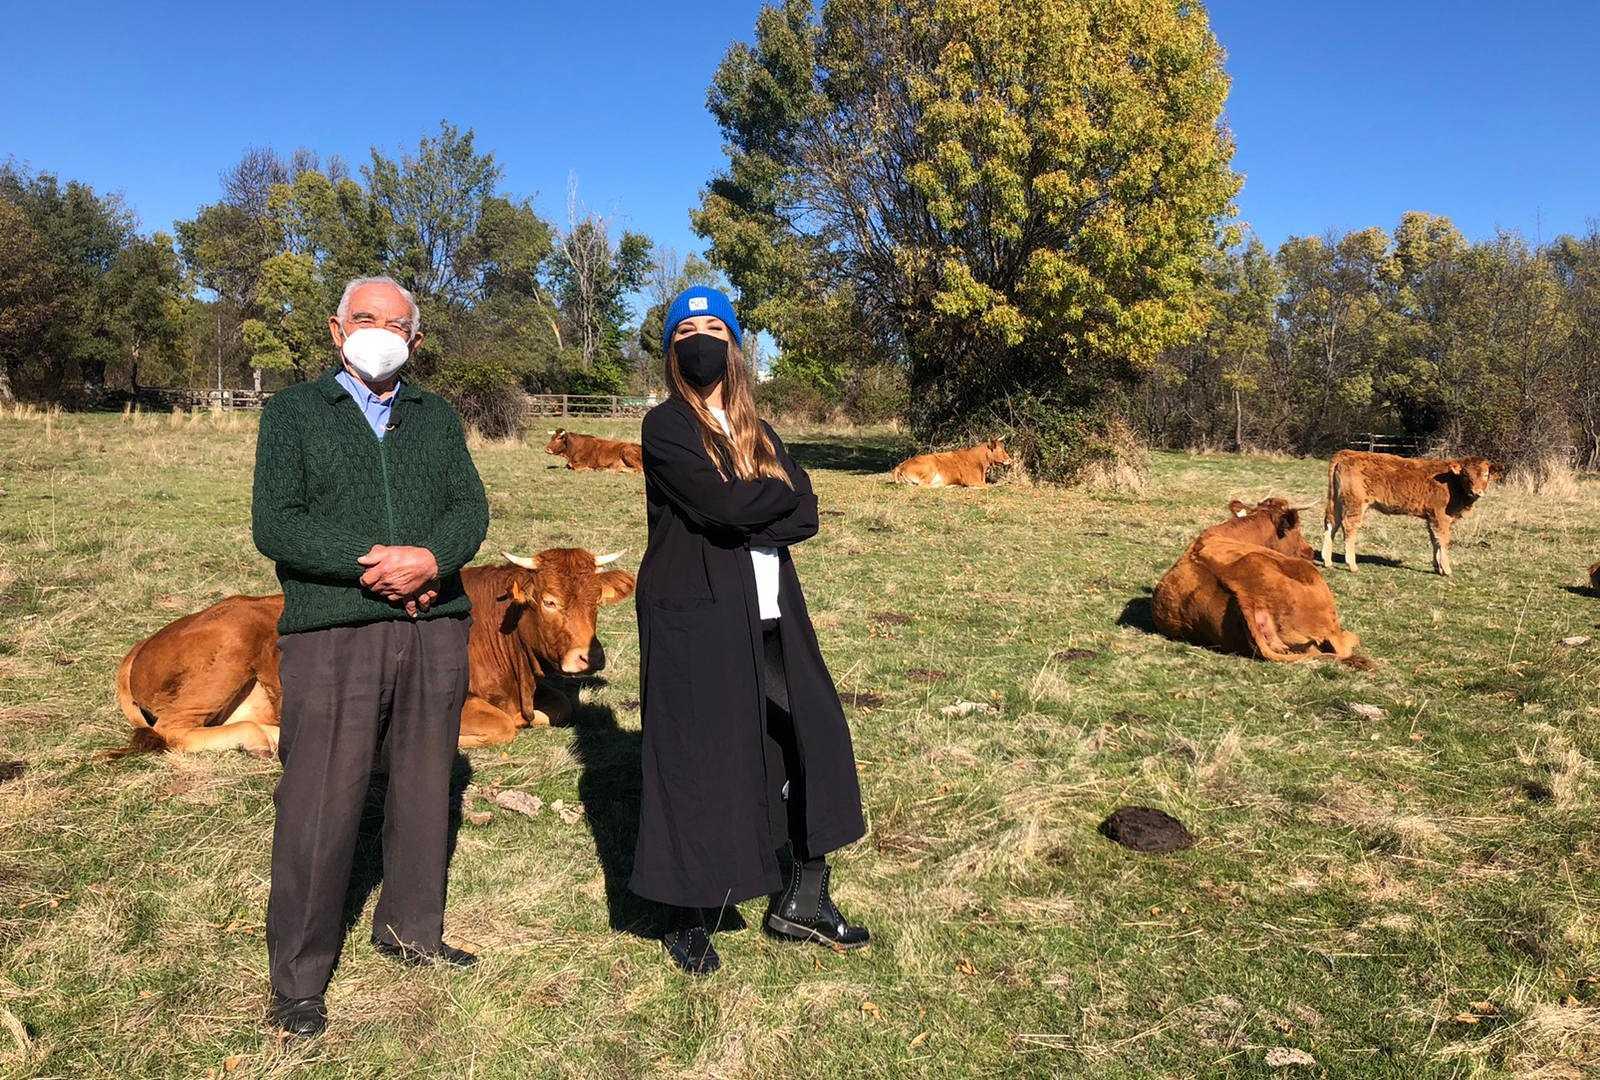 Aquí la Tierra - Las vacas de El Berrueco tienen nombre propio